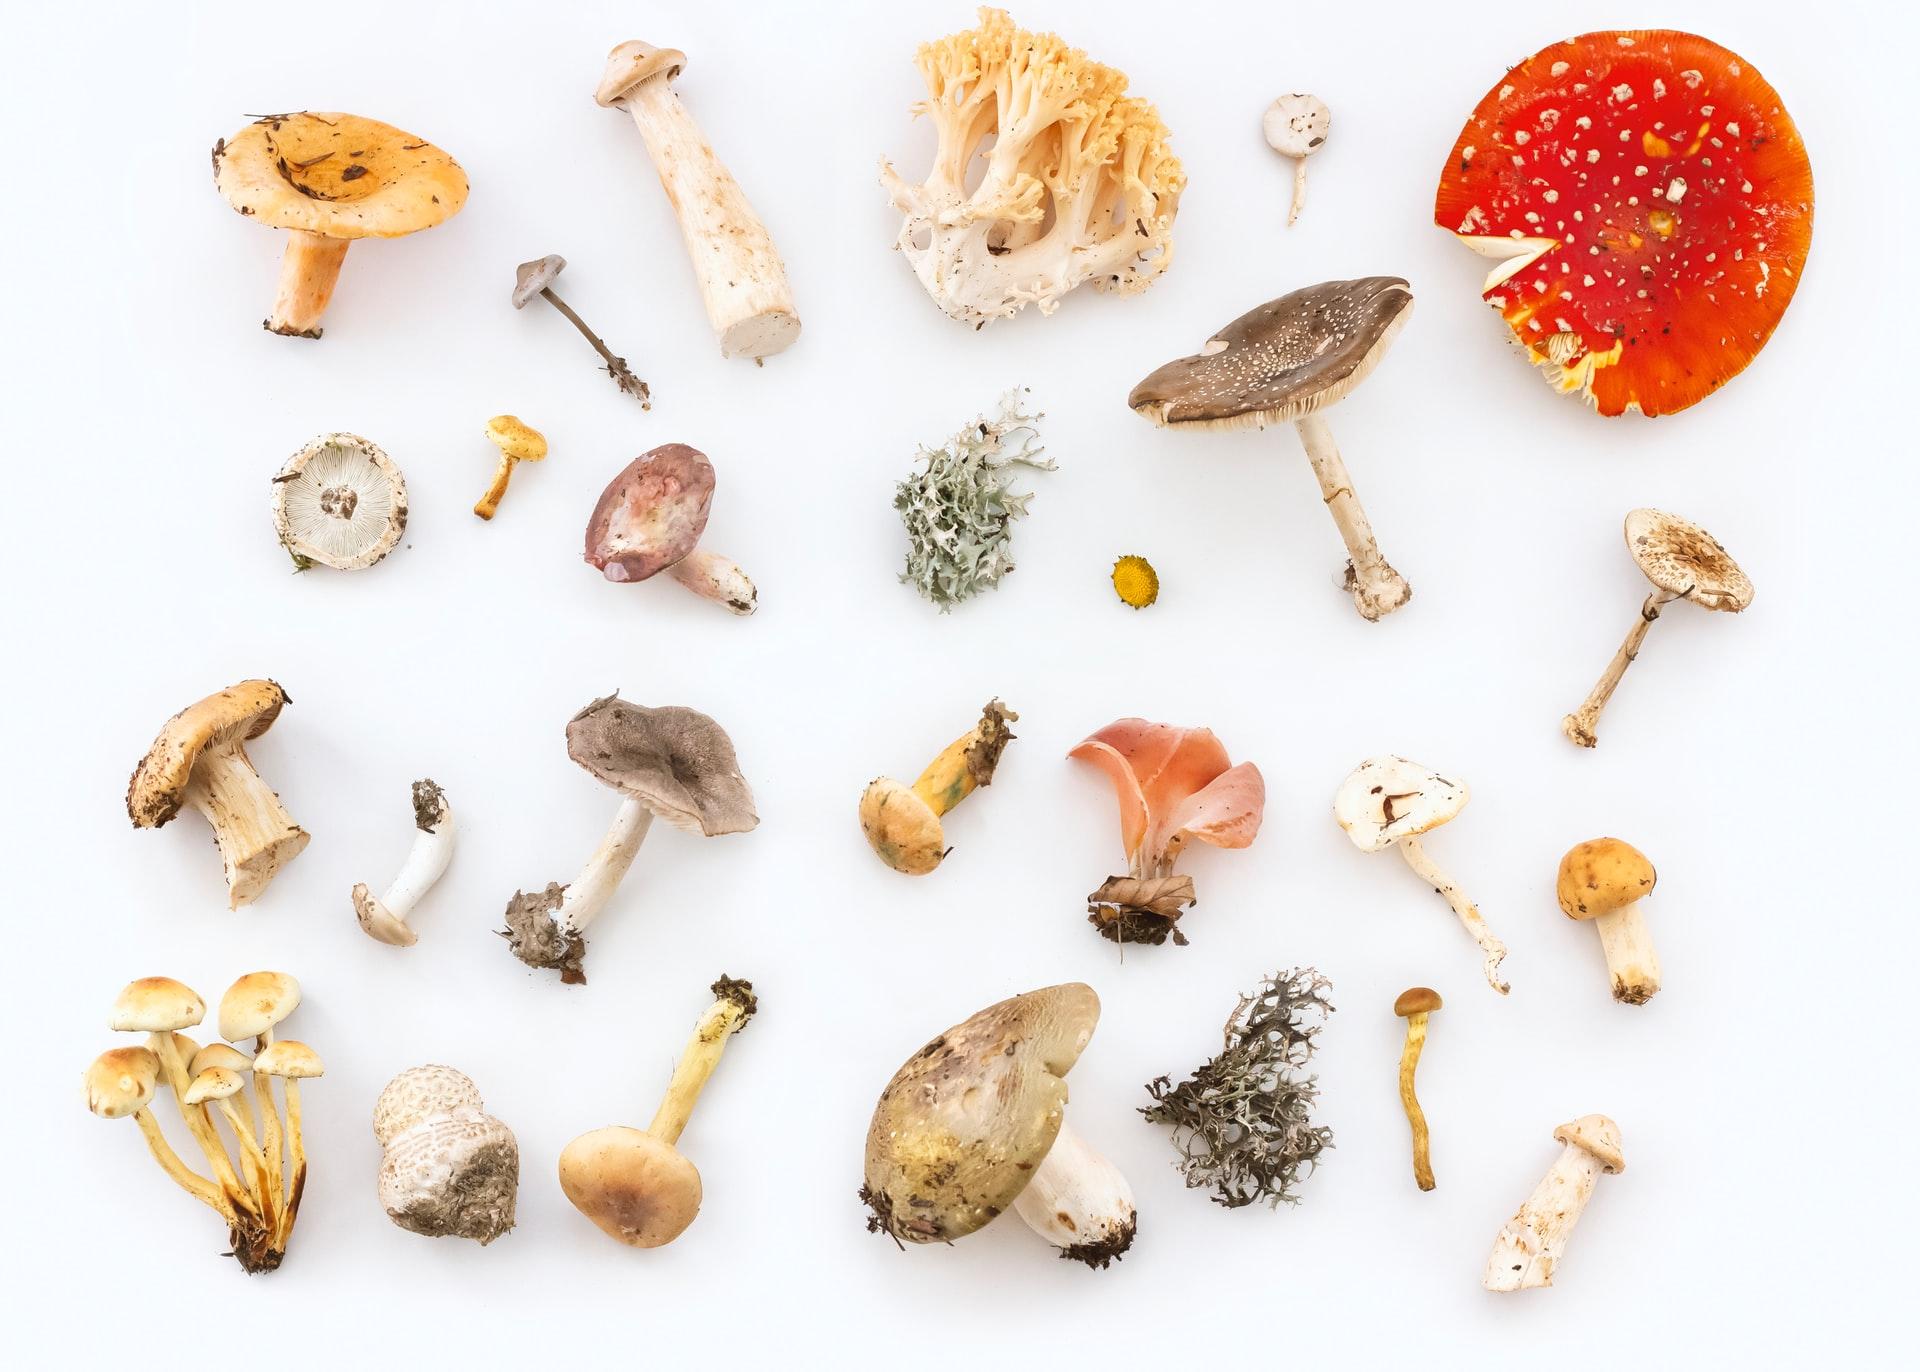 Variety Of Mushroom Spores